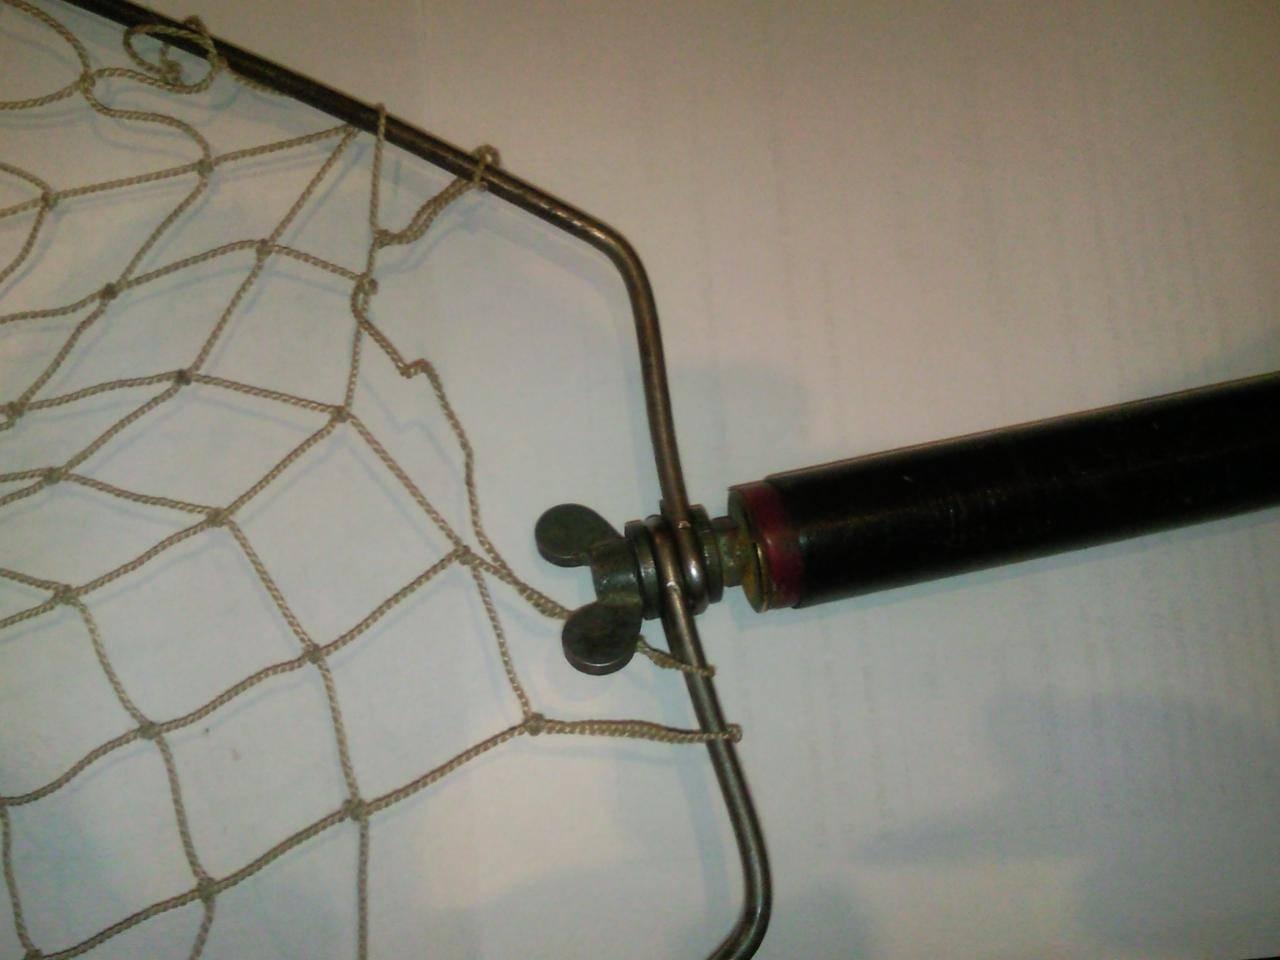 Подсак своими руками - изготовление подсака для рыбалки: плетение, механизм и ручка